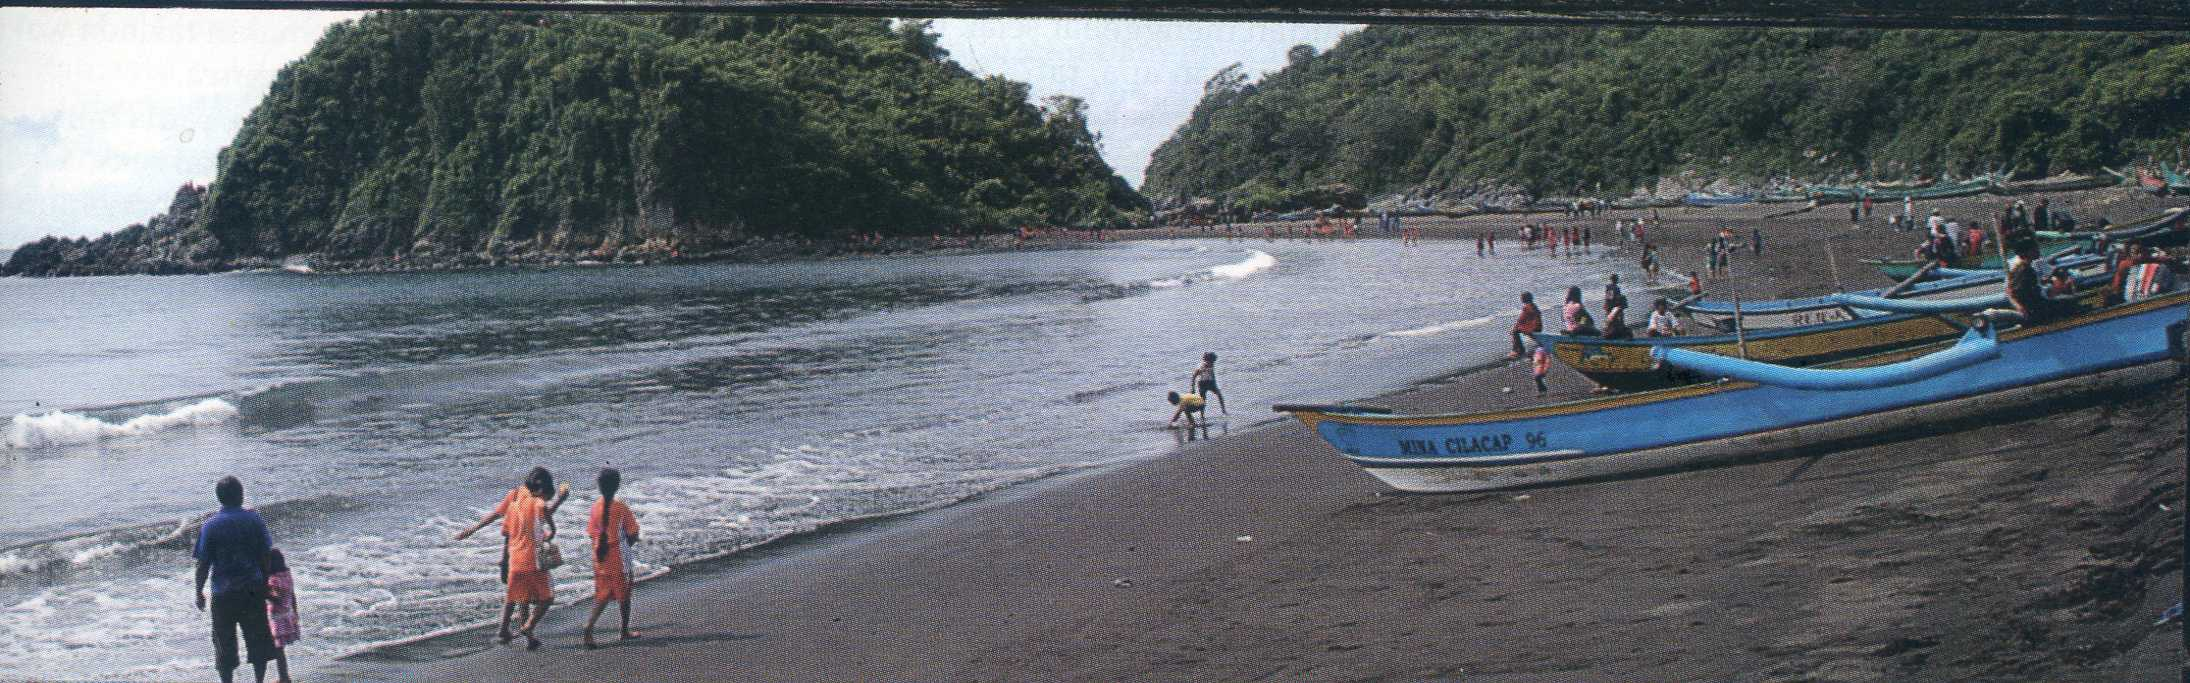 Pantai Grajagan Kabupaten Banyuwangi Wisata Jawatimuran Siapa Kab